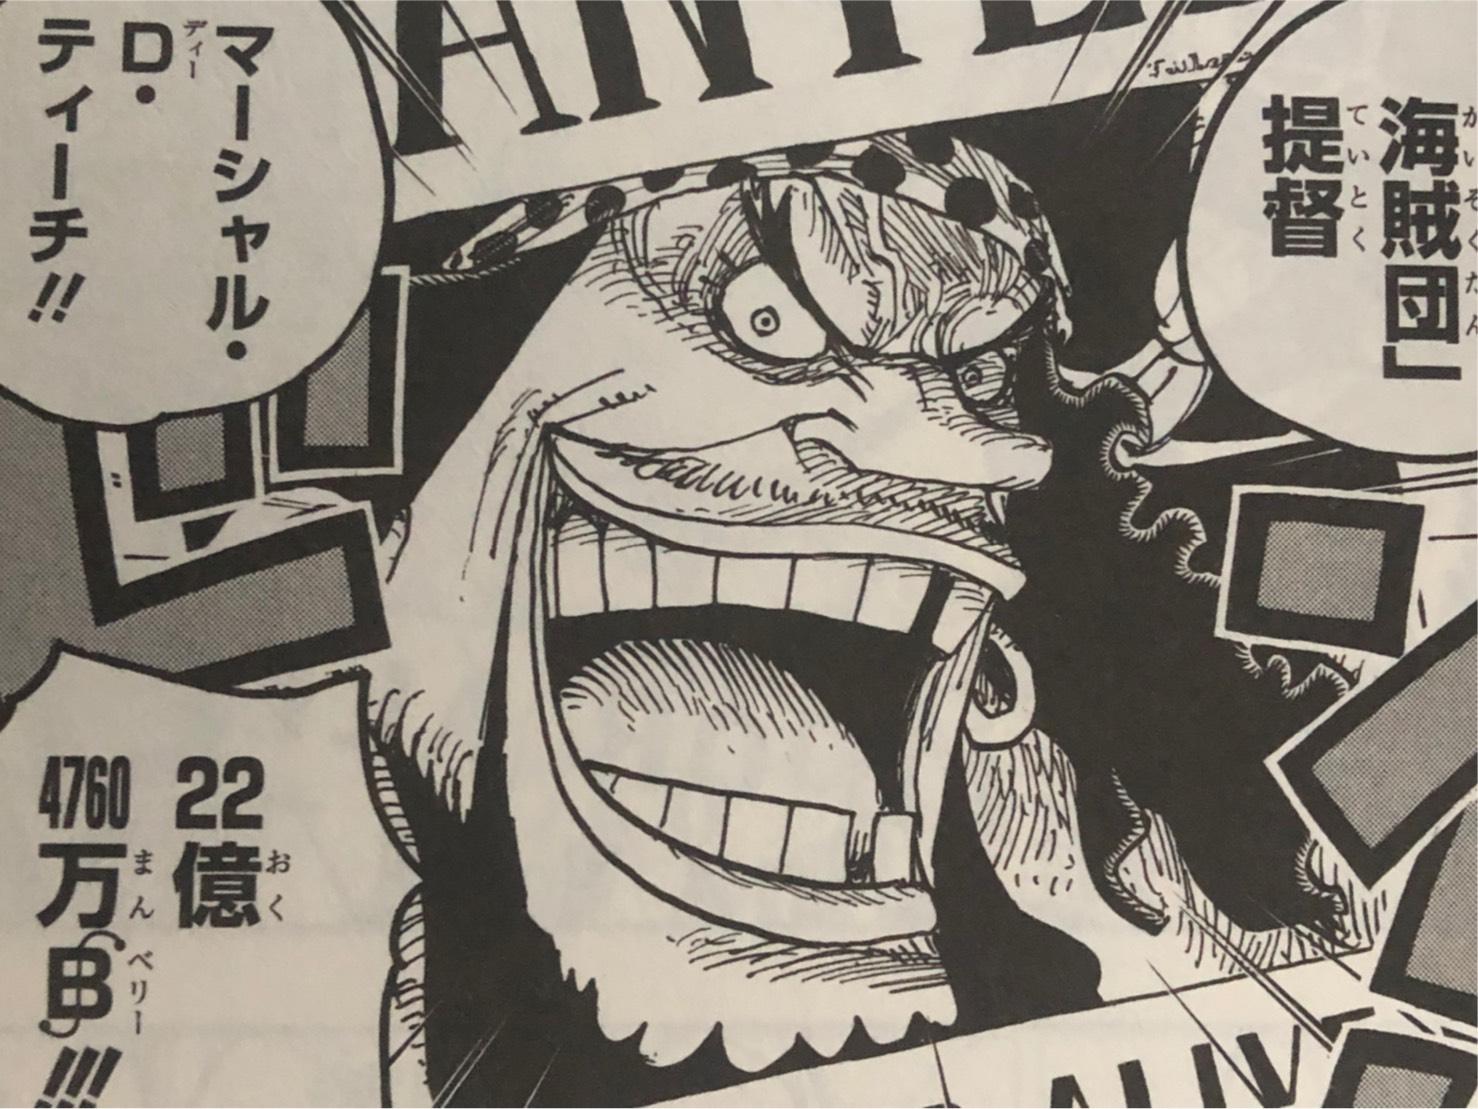 黒ひげ覇王色ロックス